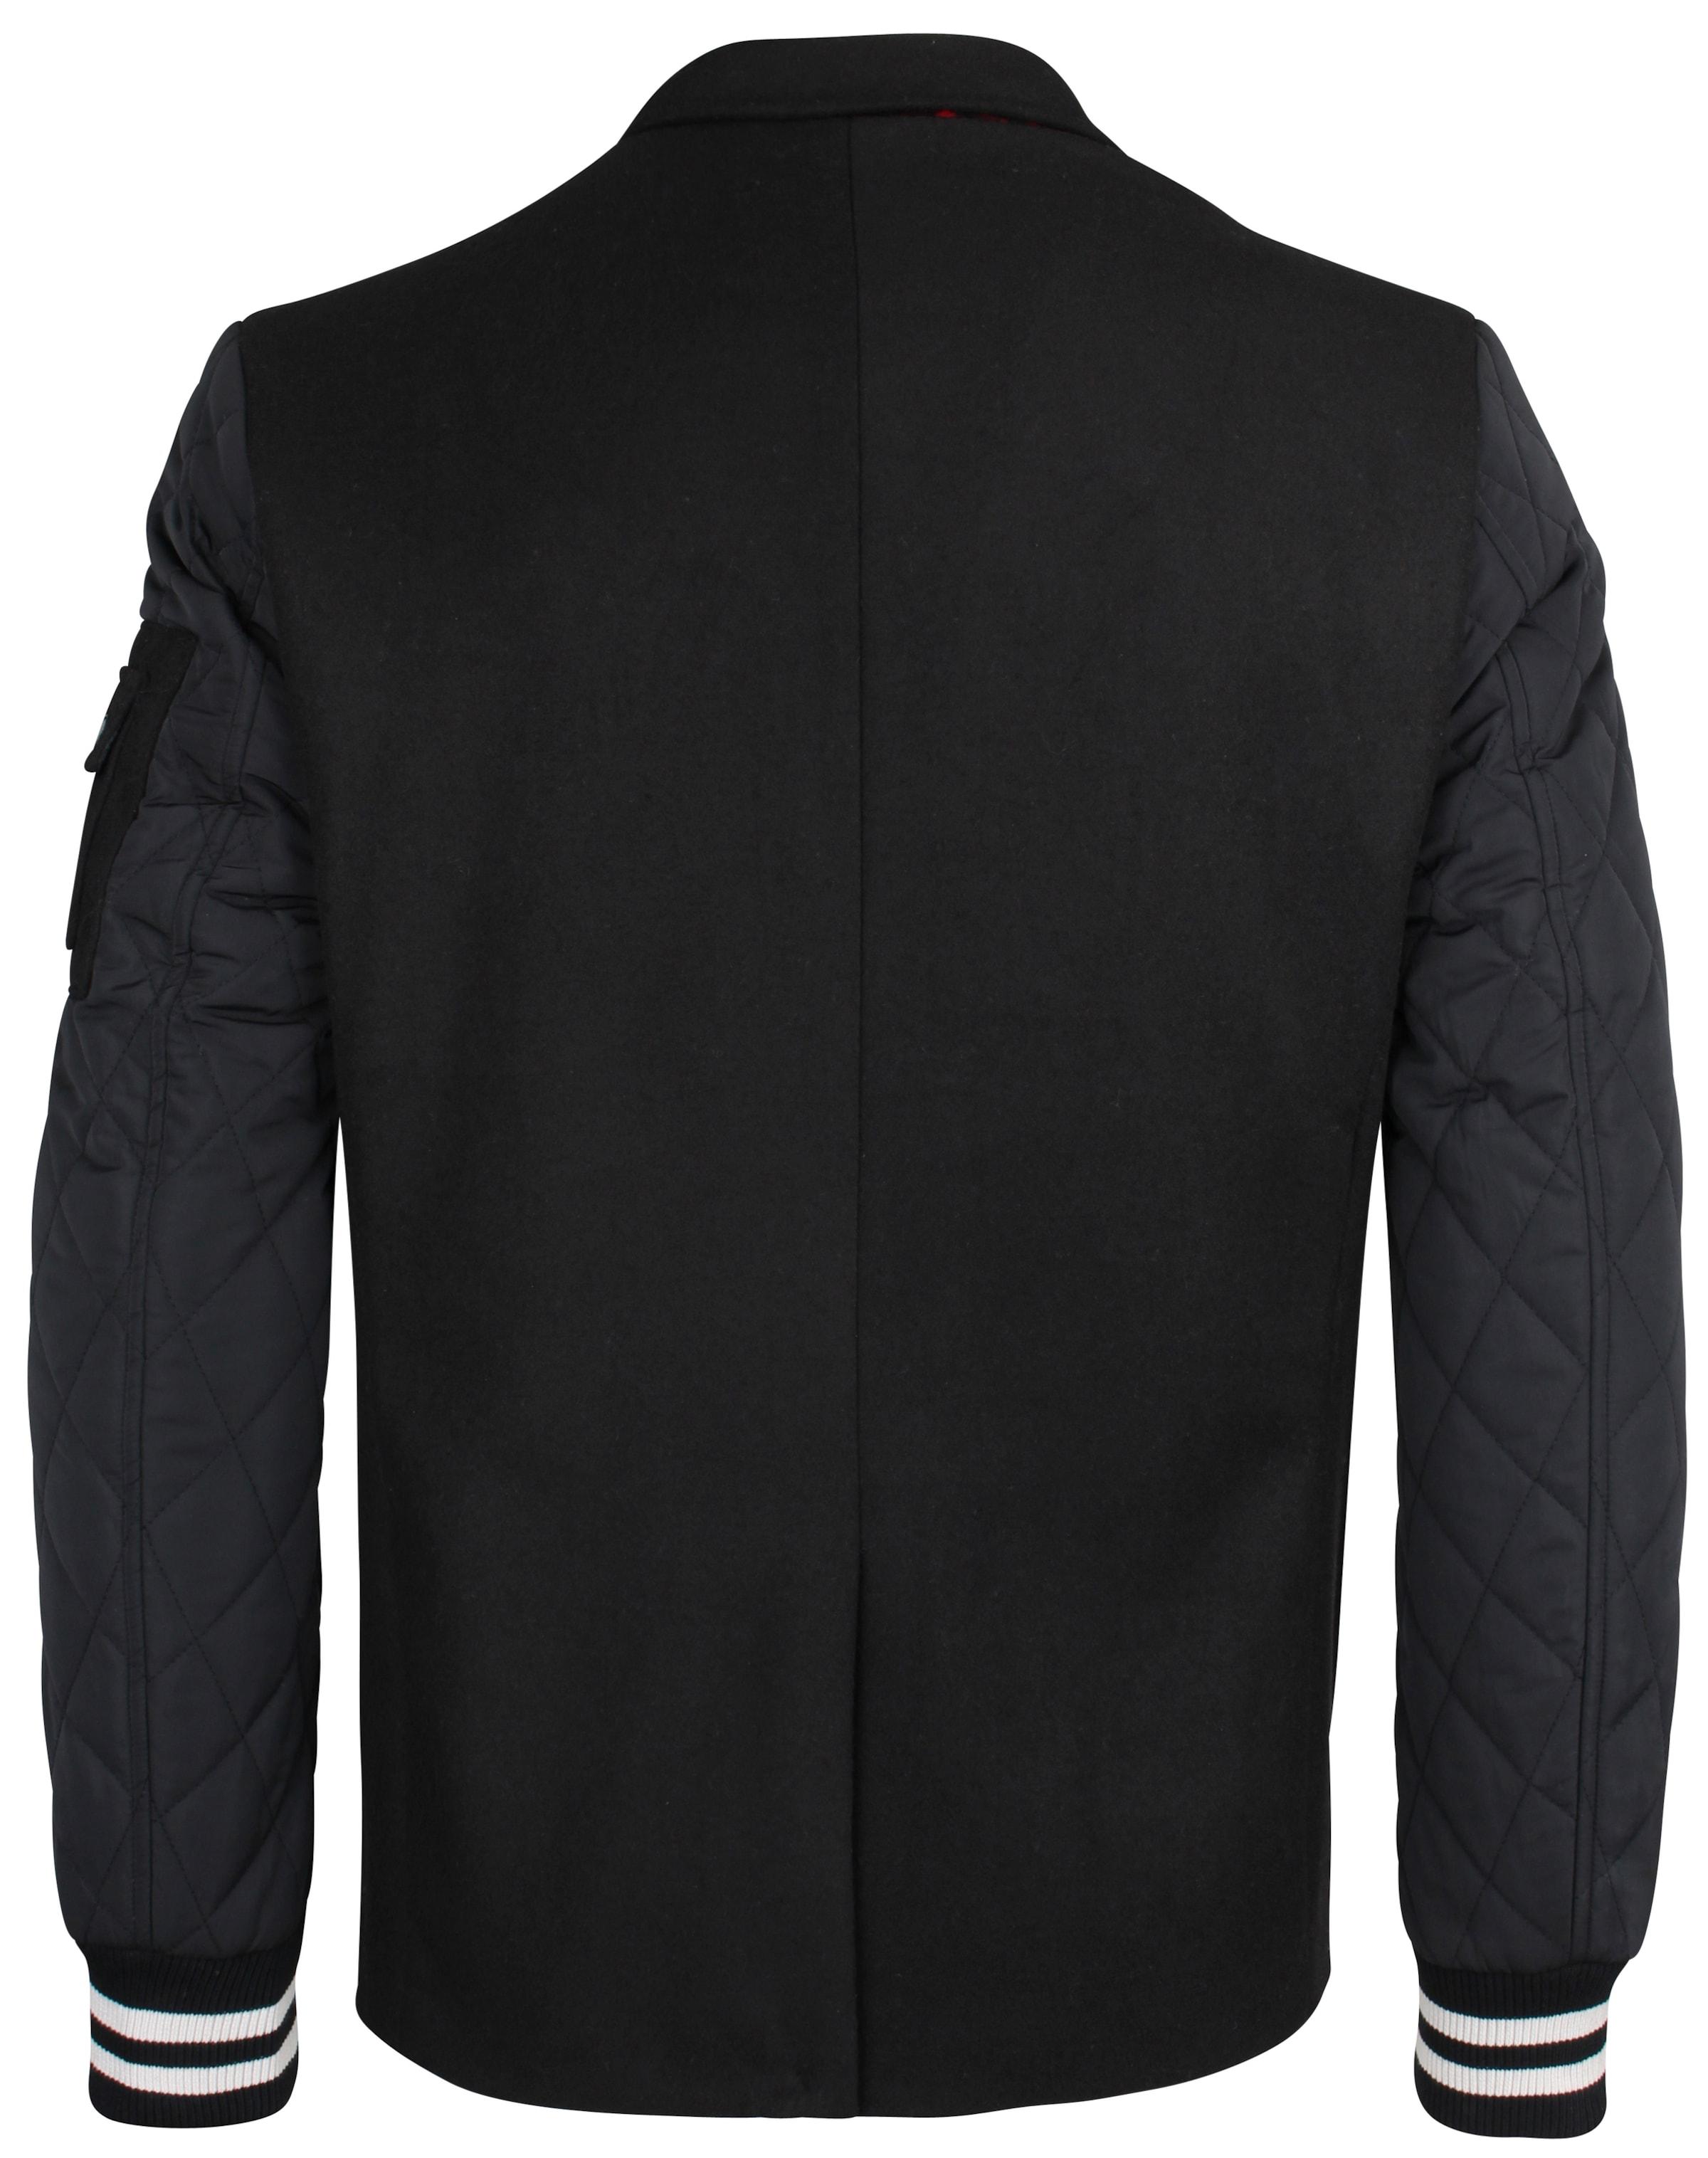 In Dry LaundryVeste De Noir Costume nPkNwO80X